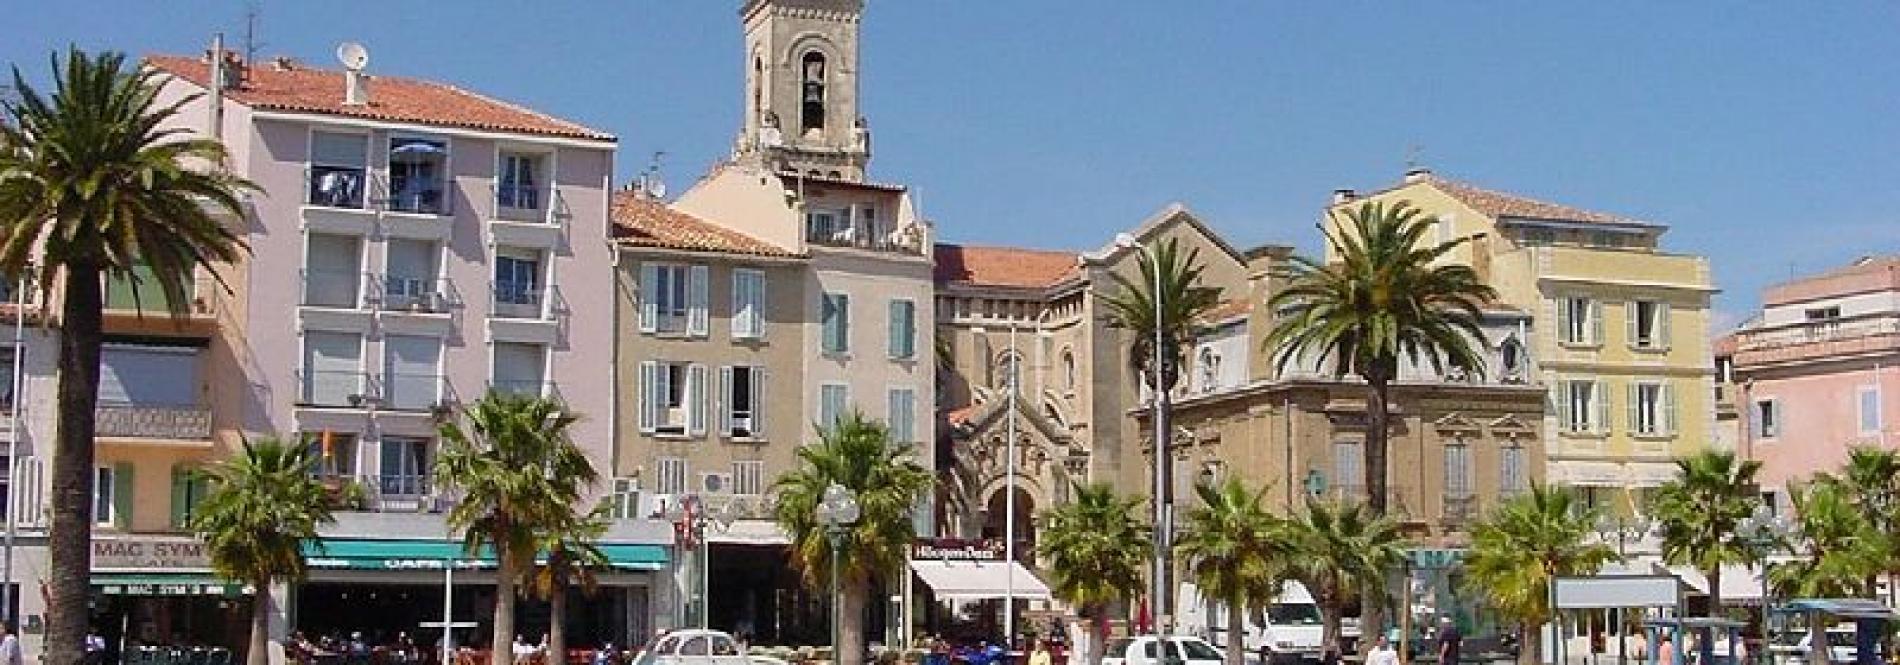 Acheter ou louer un appartement ou une villa à Sanary-sur-Mer